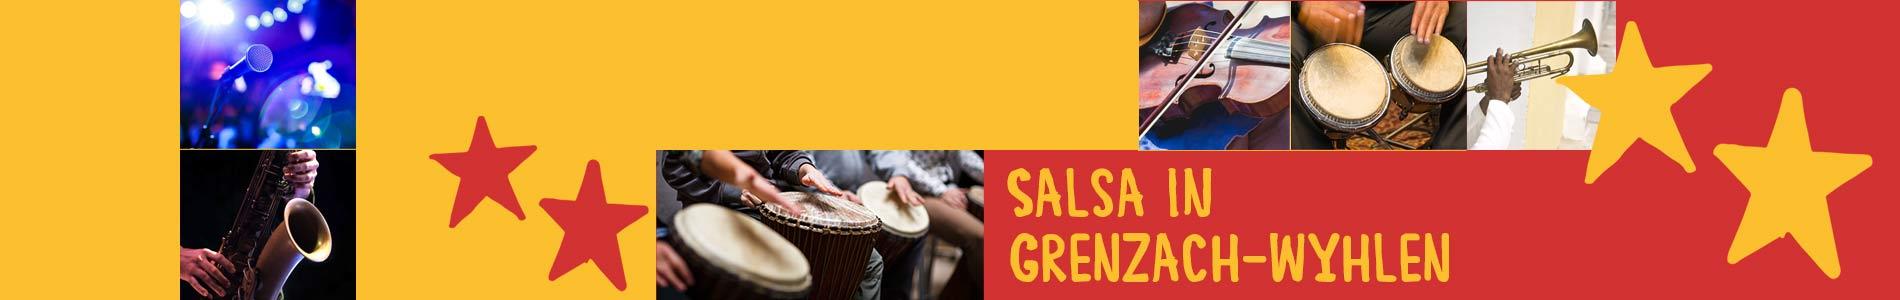 Salsa in Grenzach-Wyhlen – Salsa lernen und tanzen, Tanzkurse, Partys, Veranstaltungen